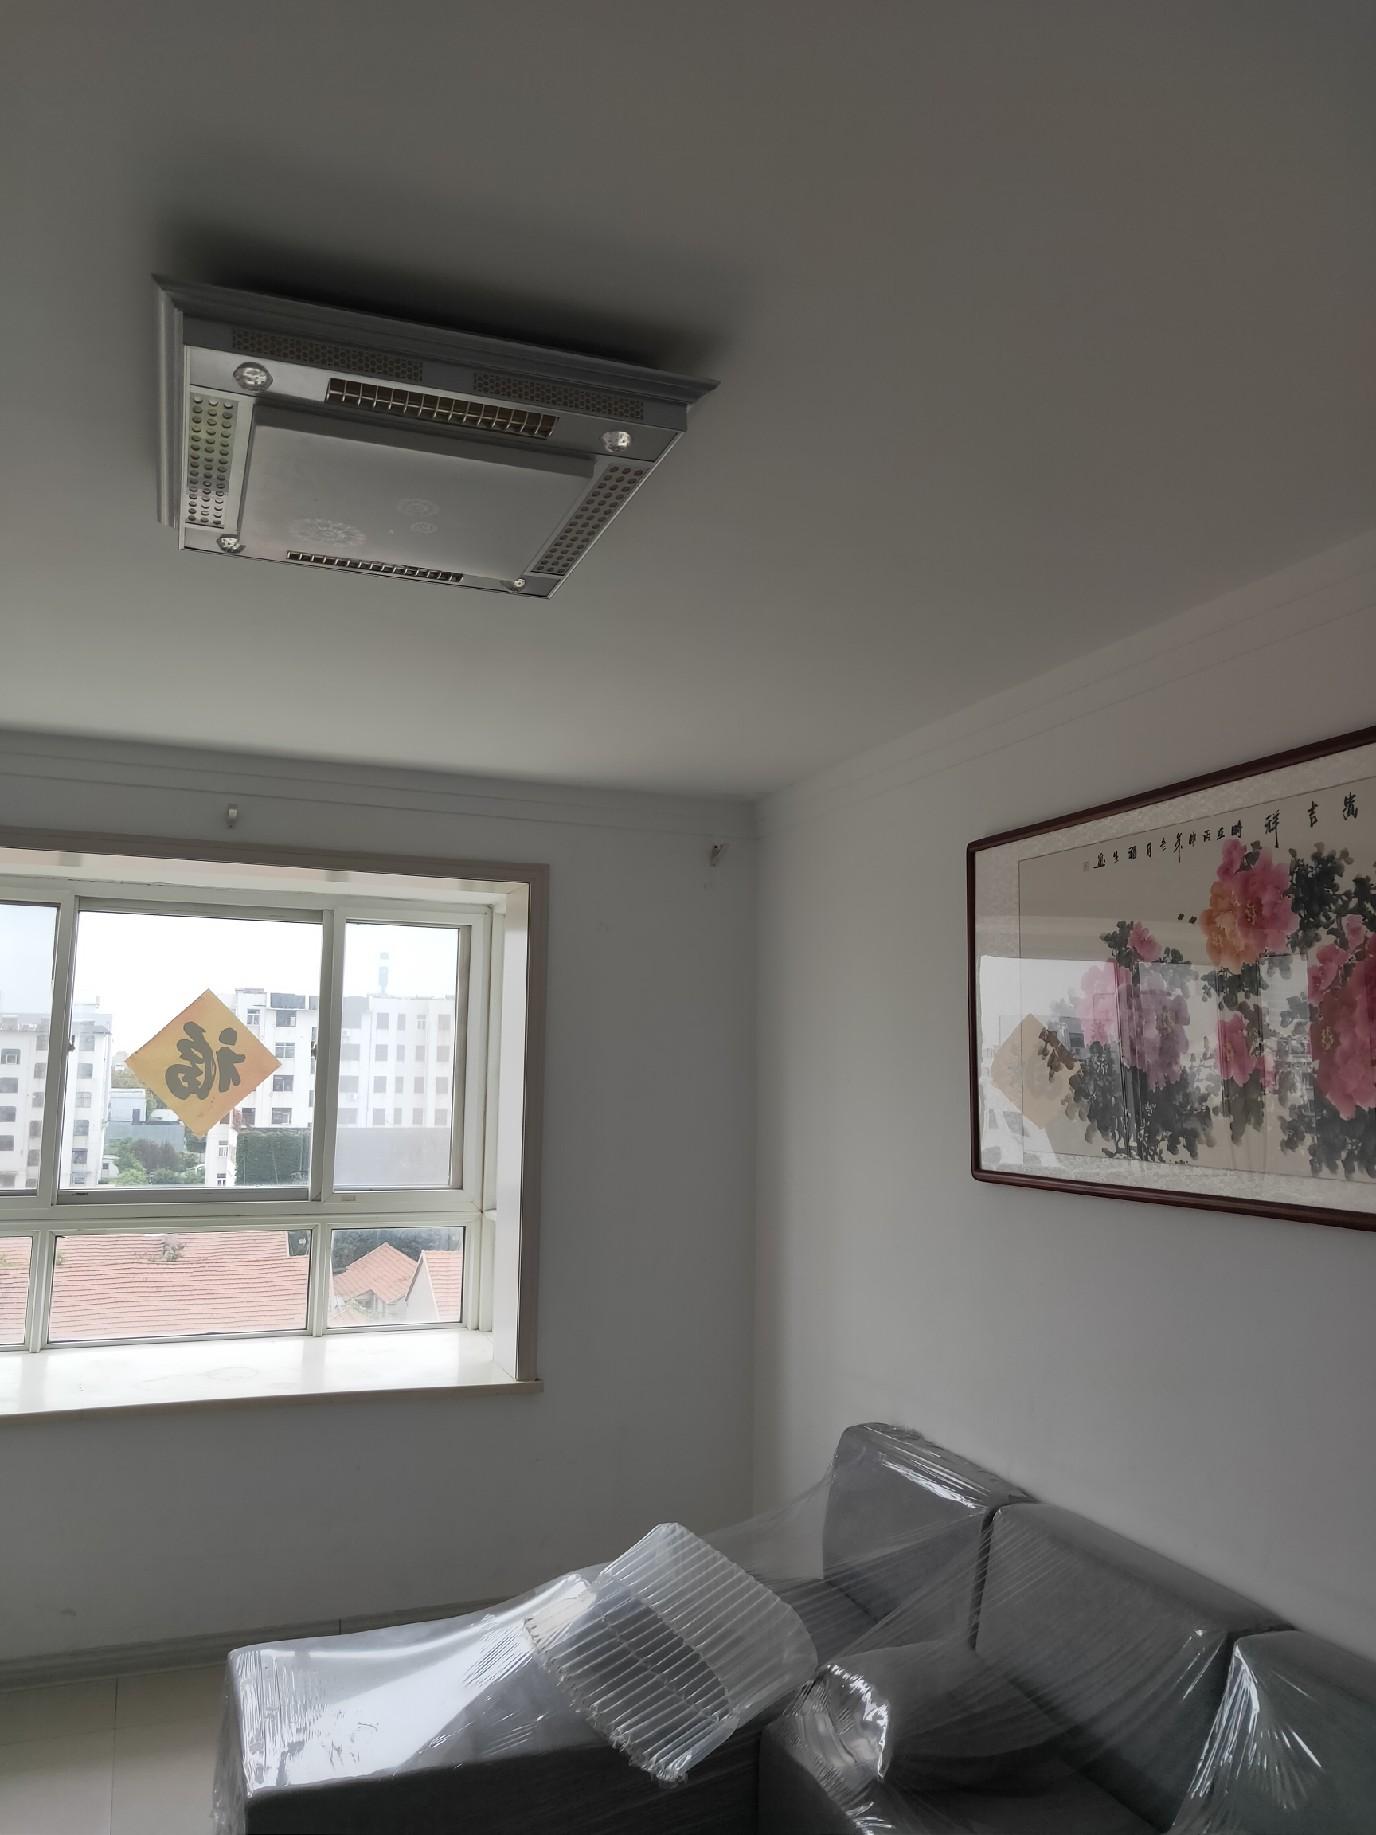 富贵园多层三室首次出租,干净卫生,空调洗衣机